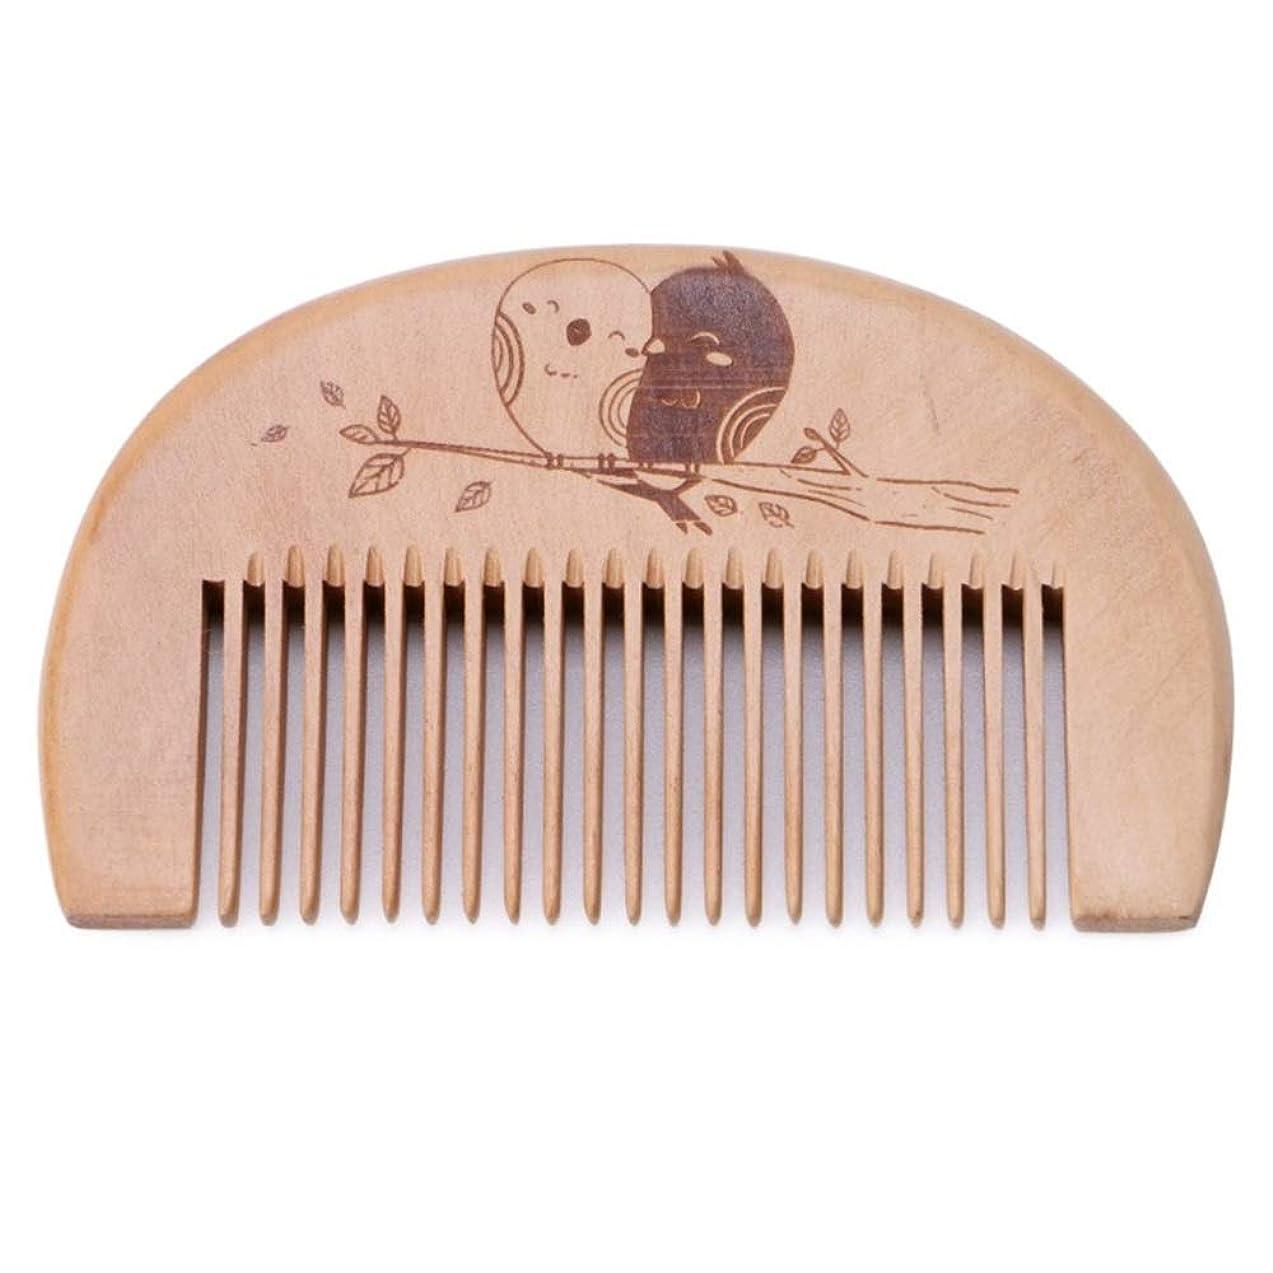 ばかげた形式グリット4個の手作りピーチウッドコーム - ふけ防止、非静電気、環境にやさしい - 頭皮や髪の健康に良い罰金